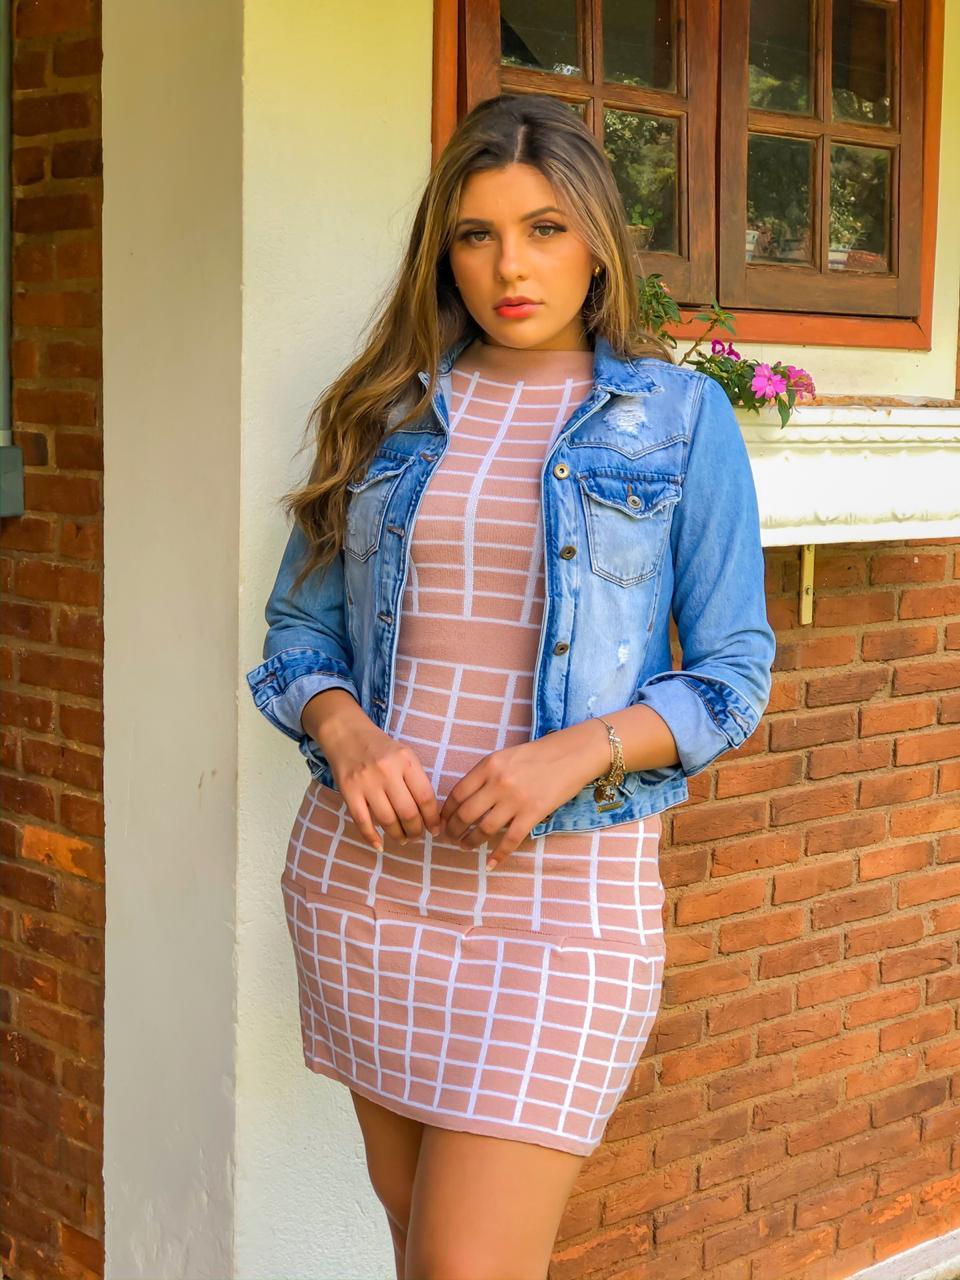 Vestido de modal 2 cores quadriculado